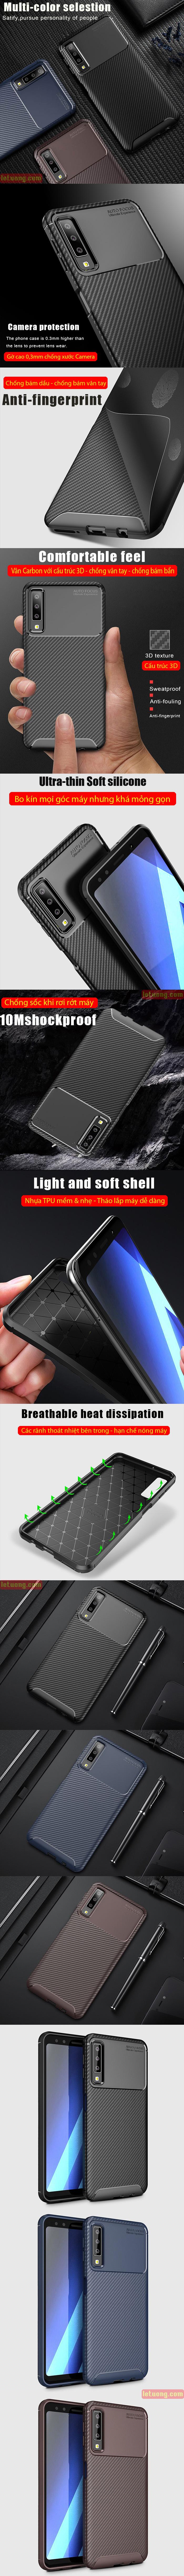 Ốp lưng Galaxy A7 2018 LT Carbon Fiber nhựa mềm chống vân tay 1